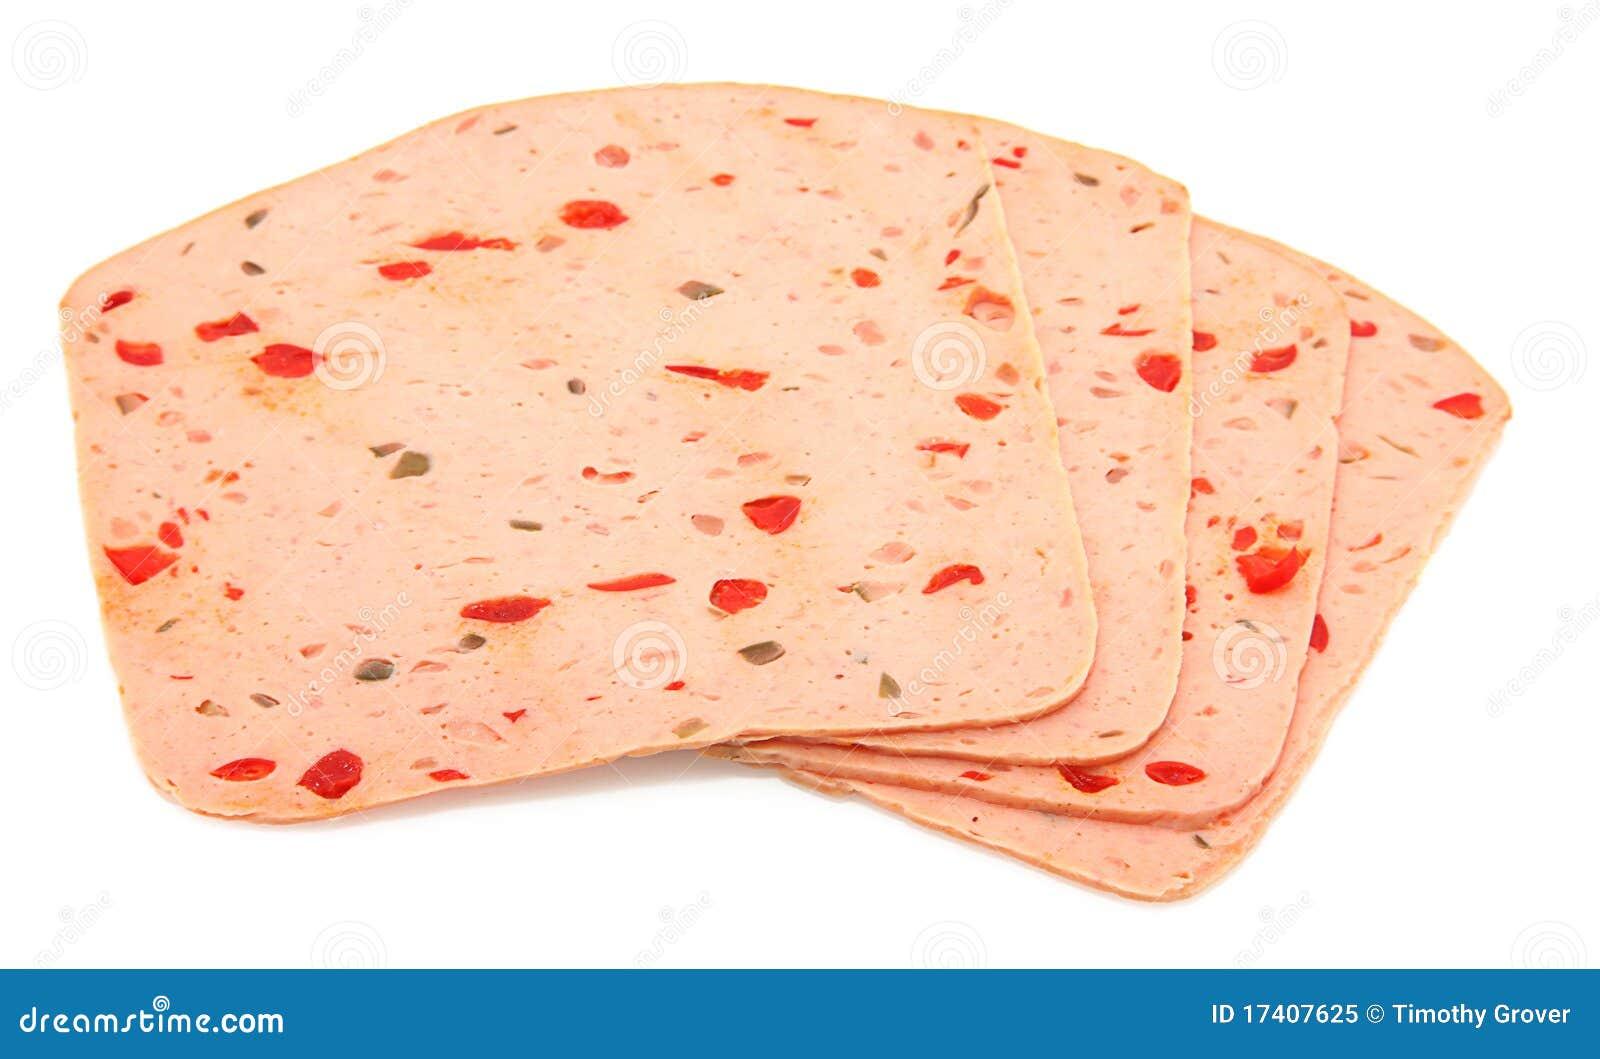 Valu Time Pickle Loaf Sliced 8.0 Oz Nutrition Information | ShopWell